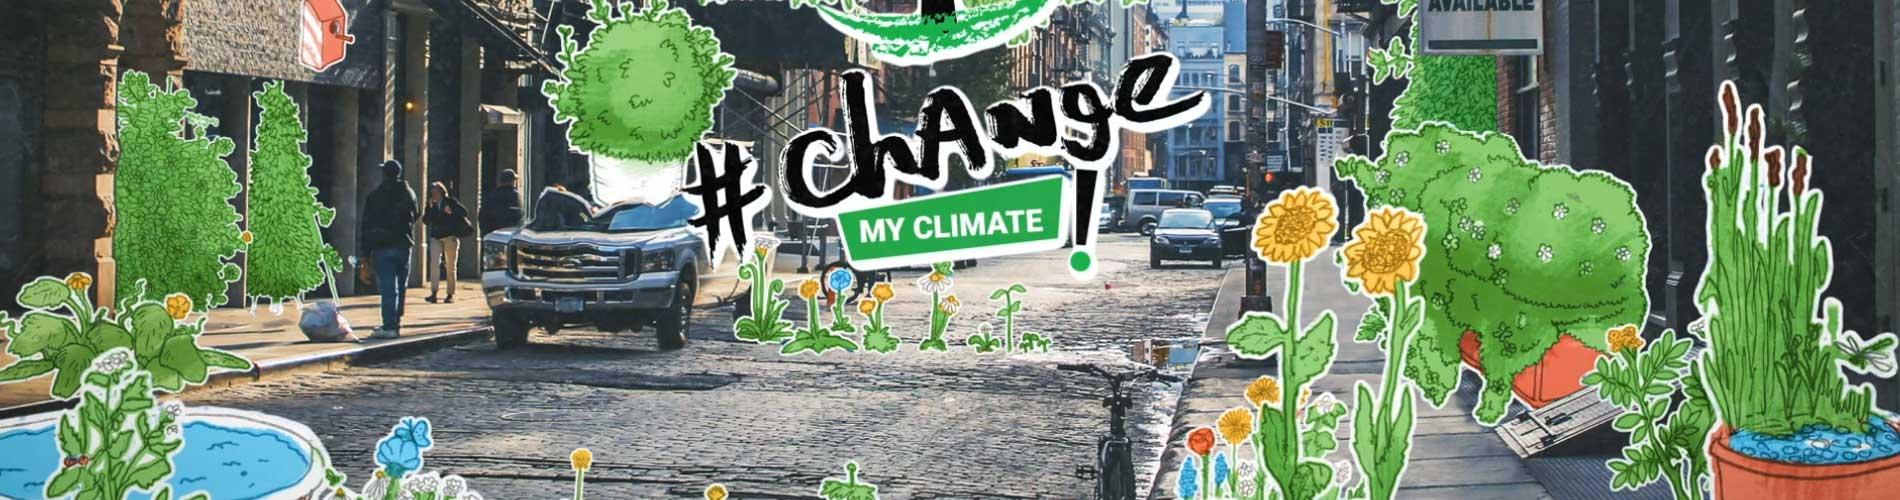 Projekt Change My Climate- #ChangeMyClimate